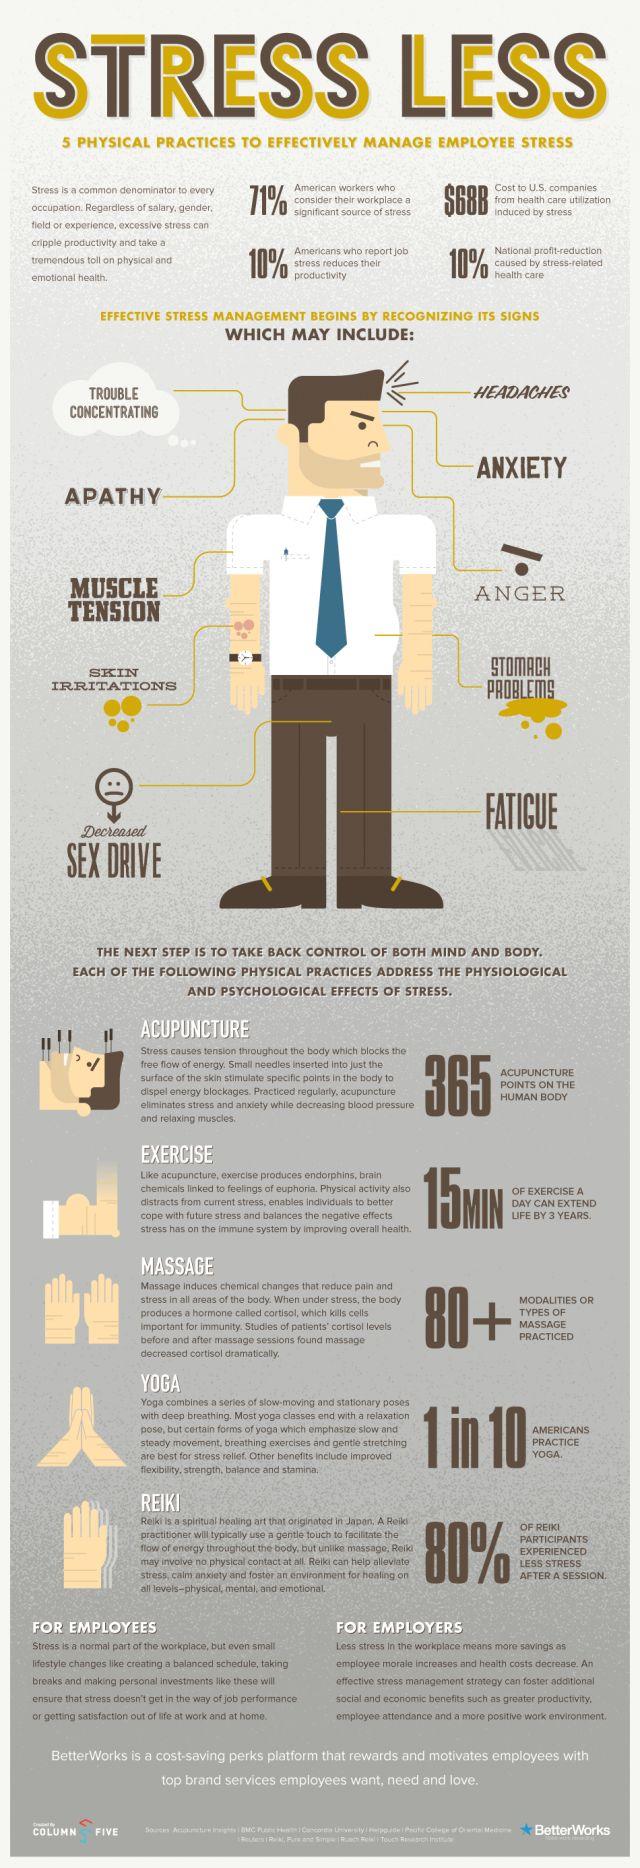 5 Ways to Reduce Stress at Work #Lifehacks #Work